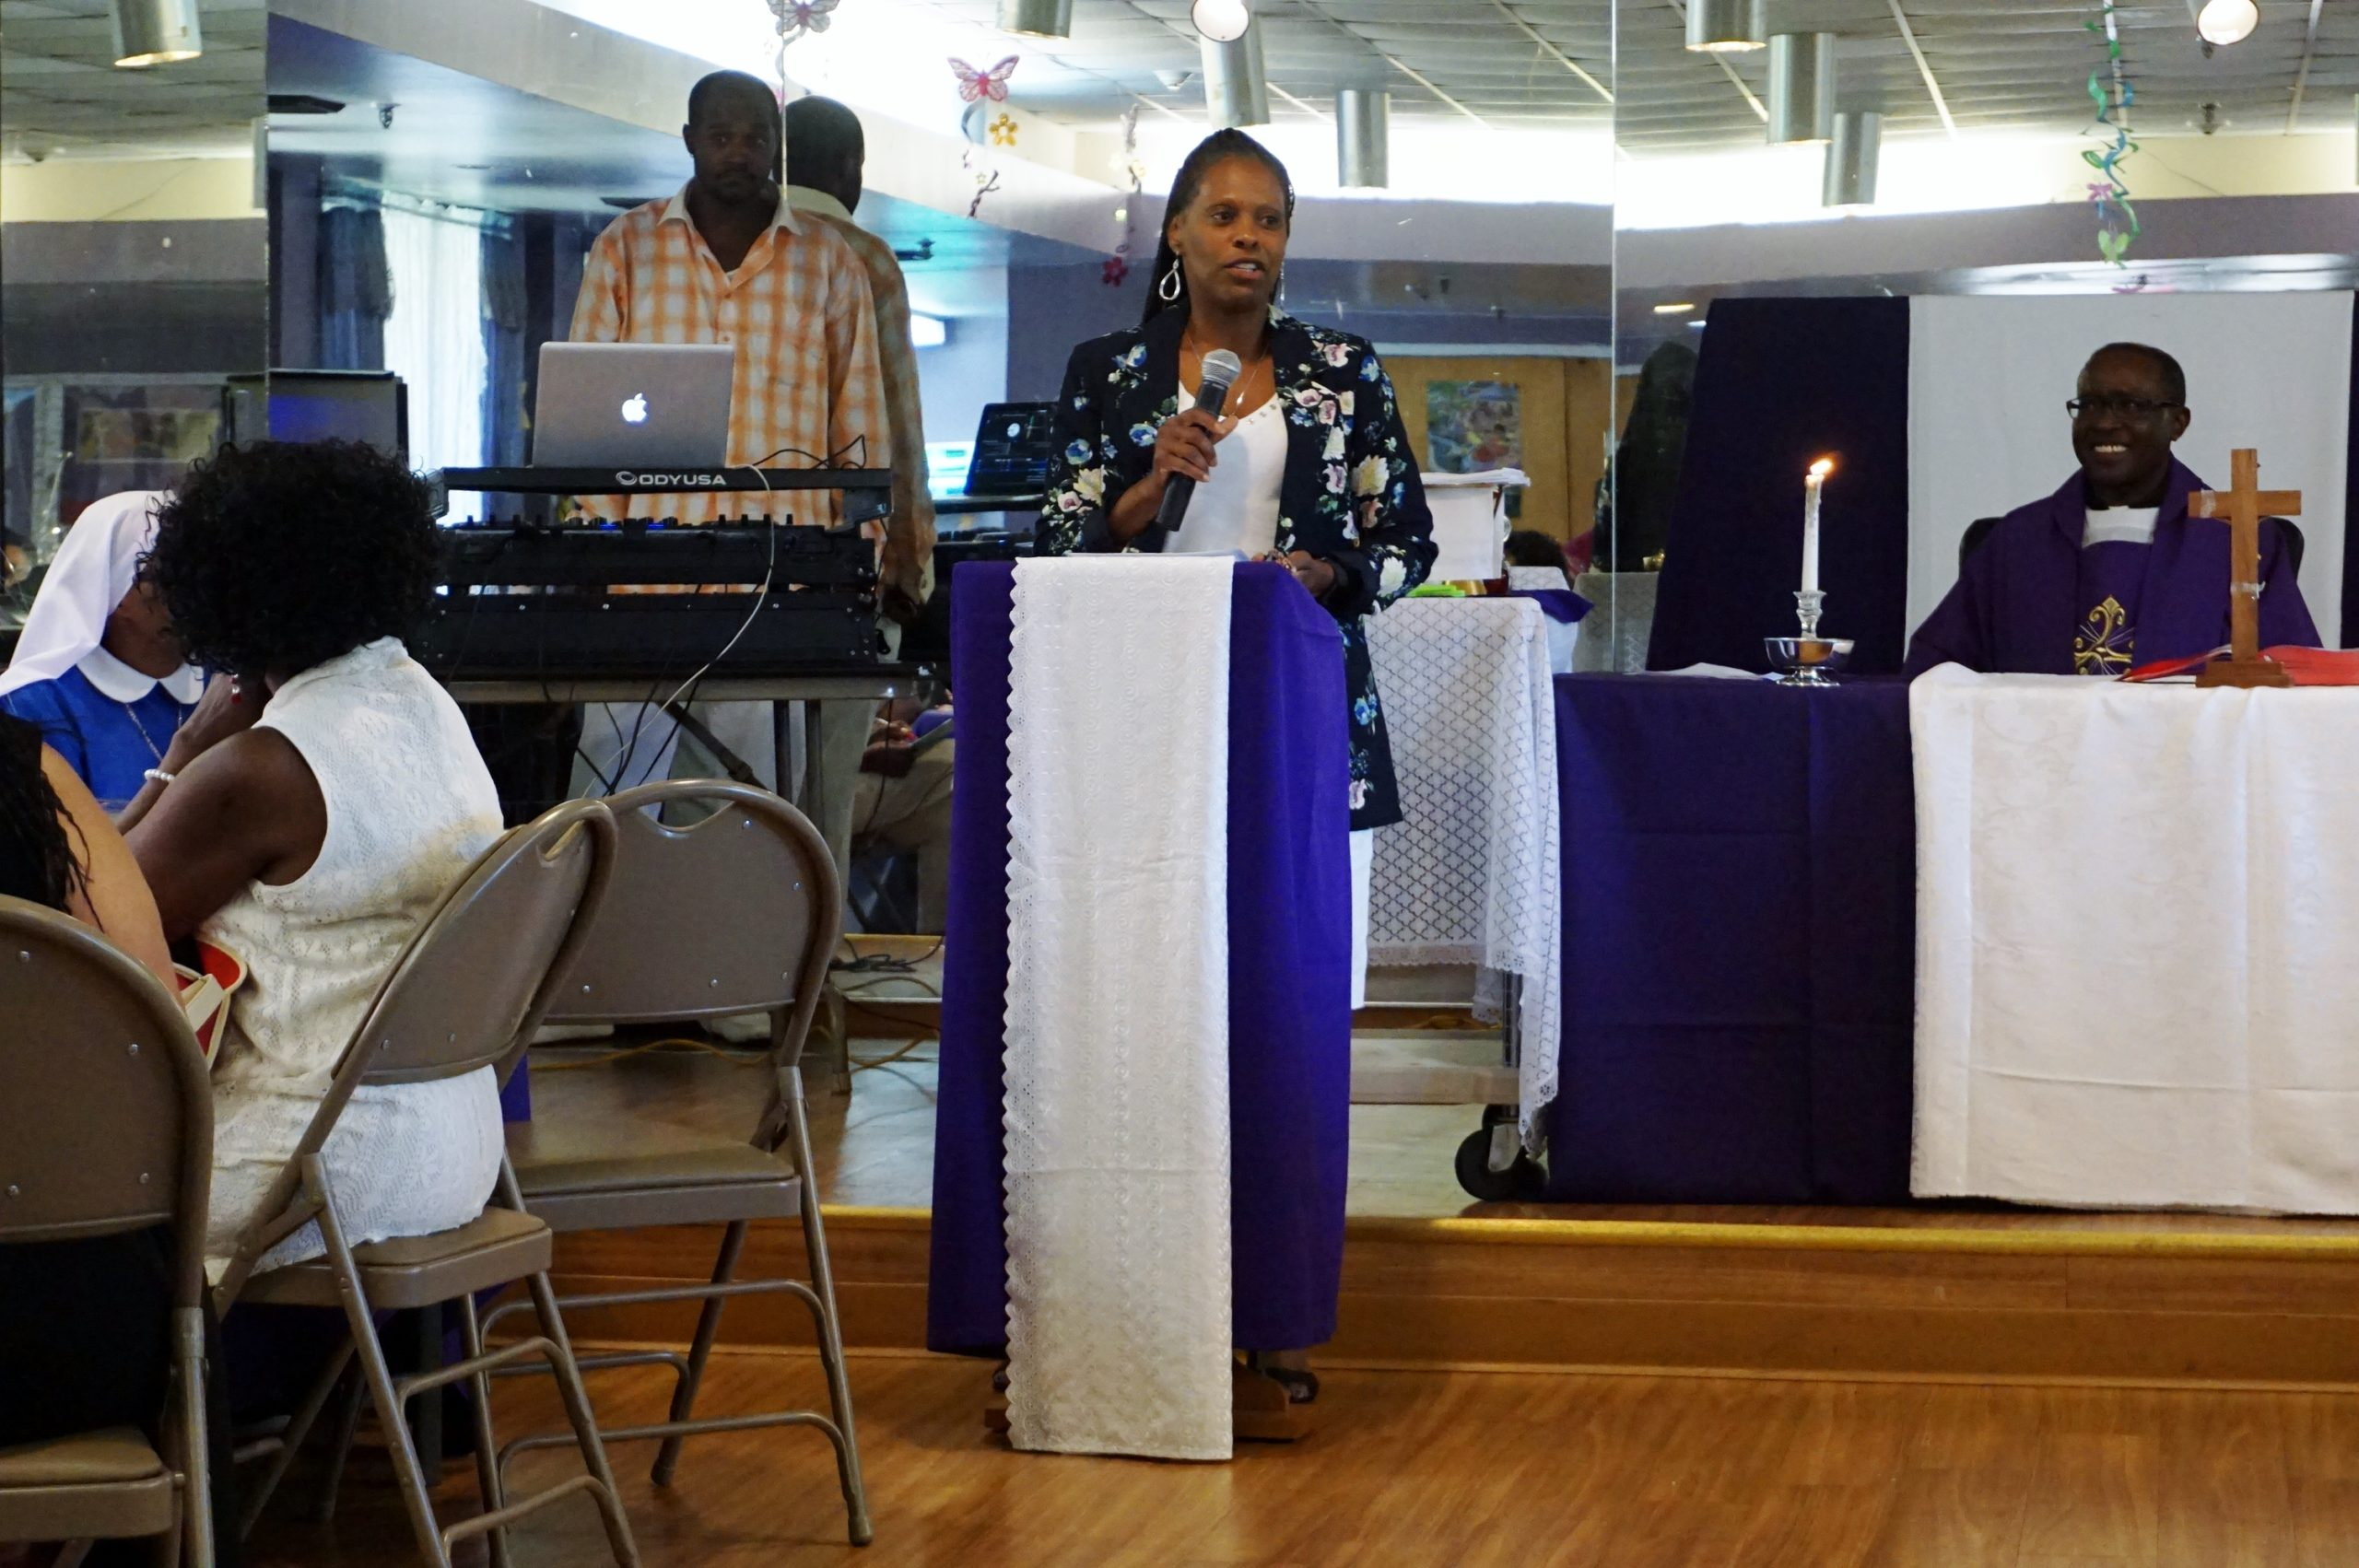 Extended Care Hosts Celebration Of NCC Founder Monsignor Linder's Life